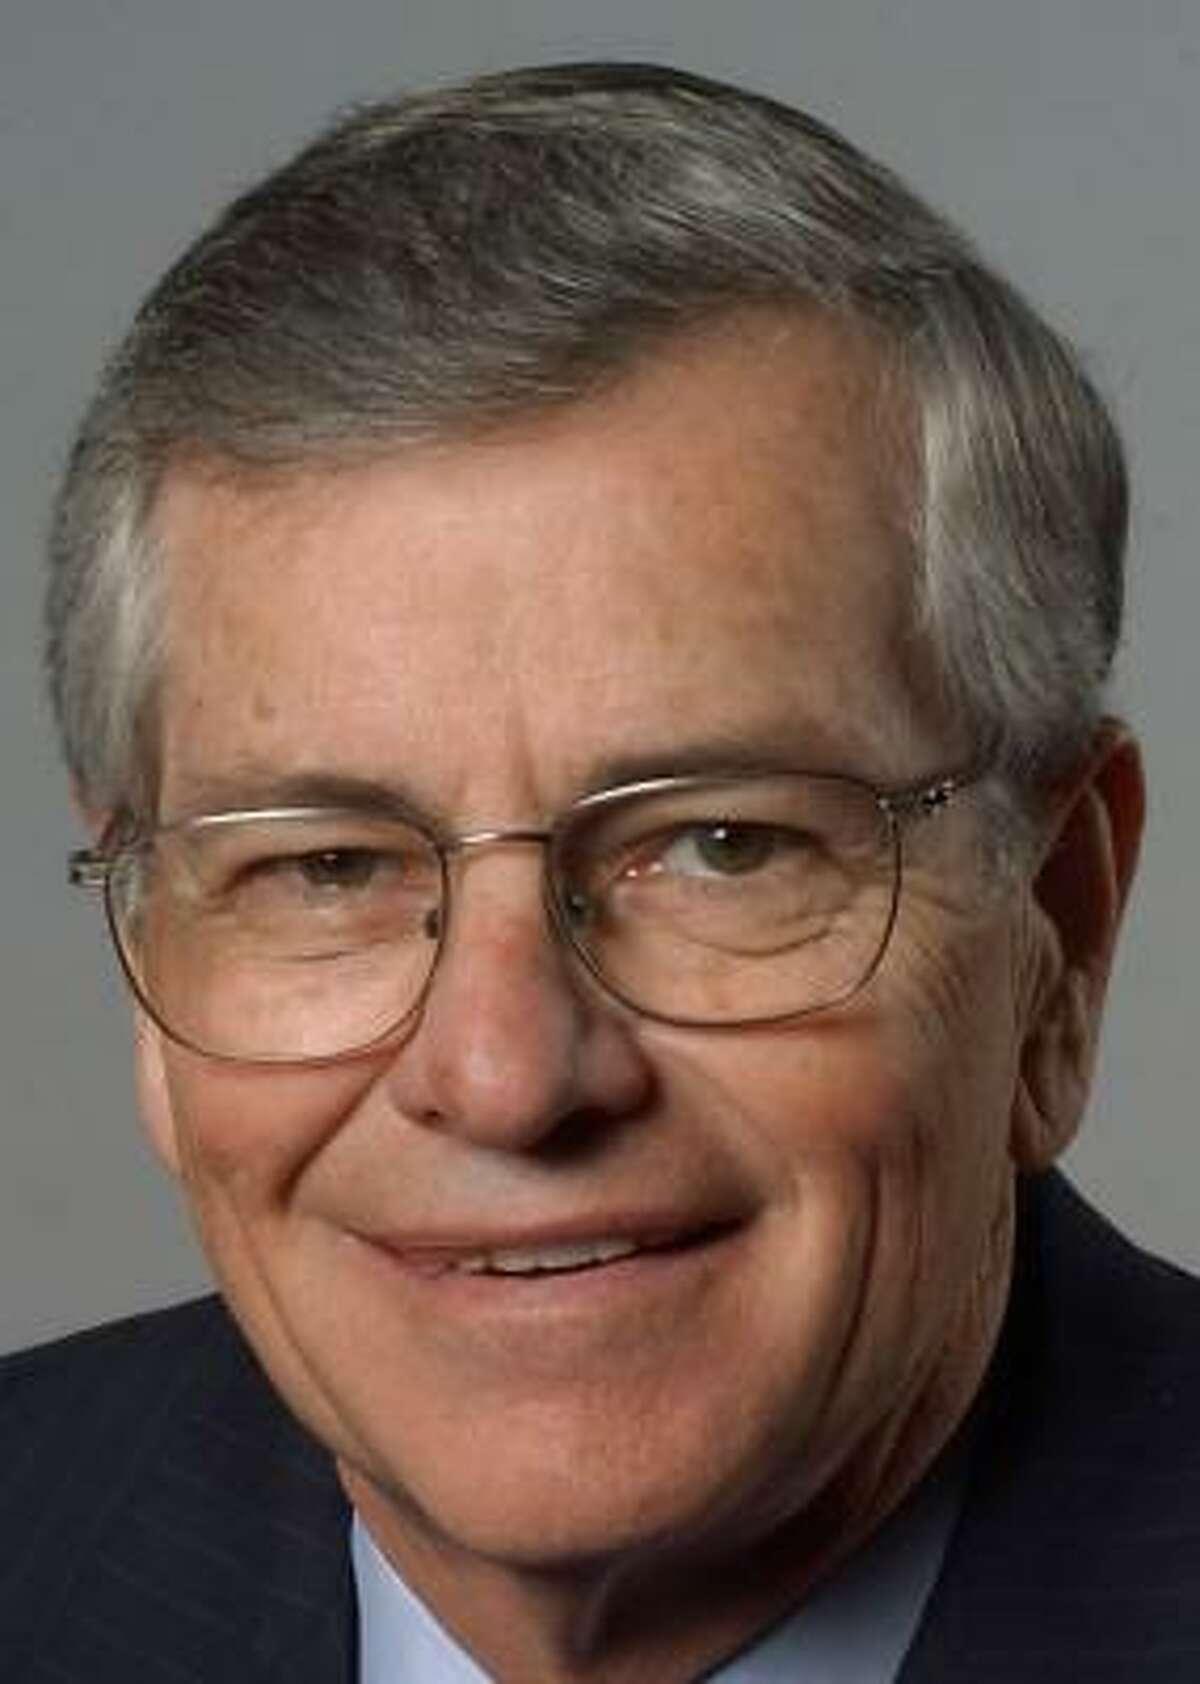 Texas House Speaker Tom Craddick, R-Midland.